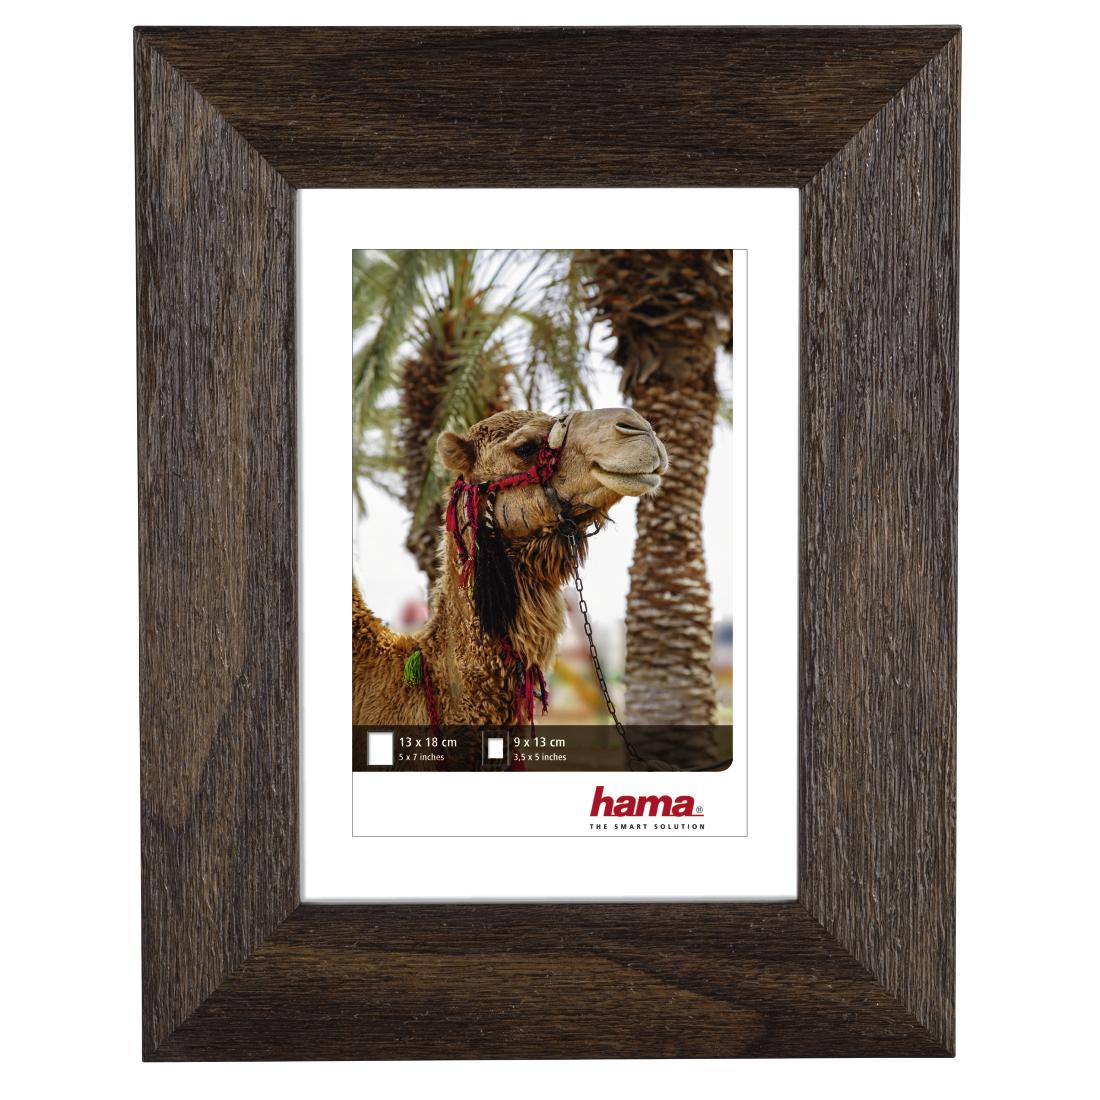 00125967 Hama Cairo Plastic Frame Nut 13 X 18 Cm Hama De